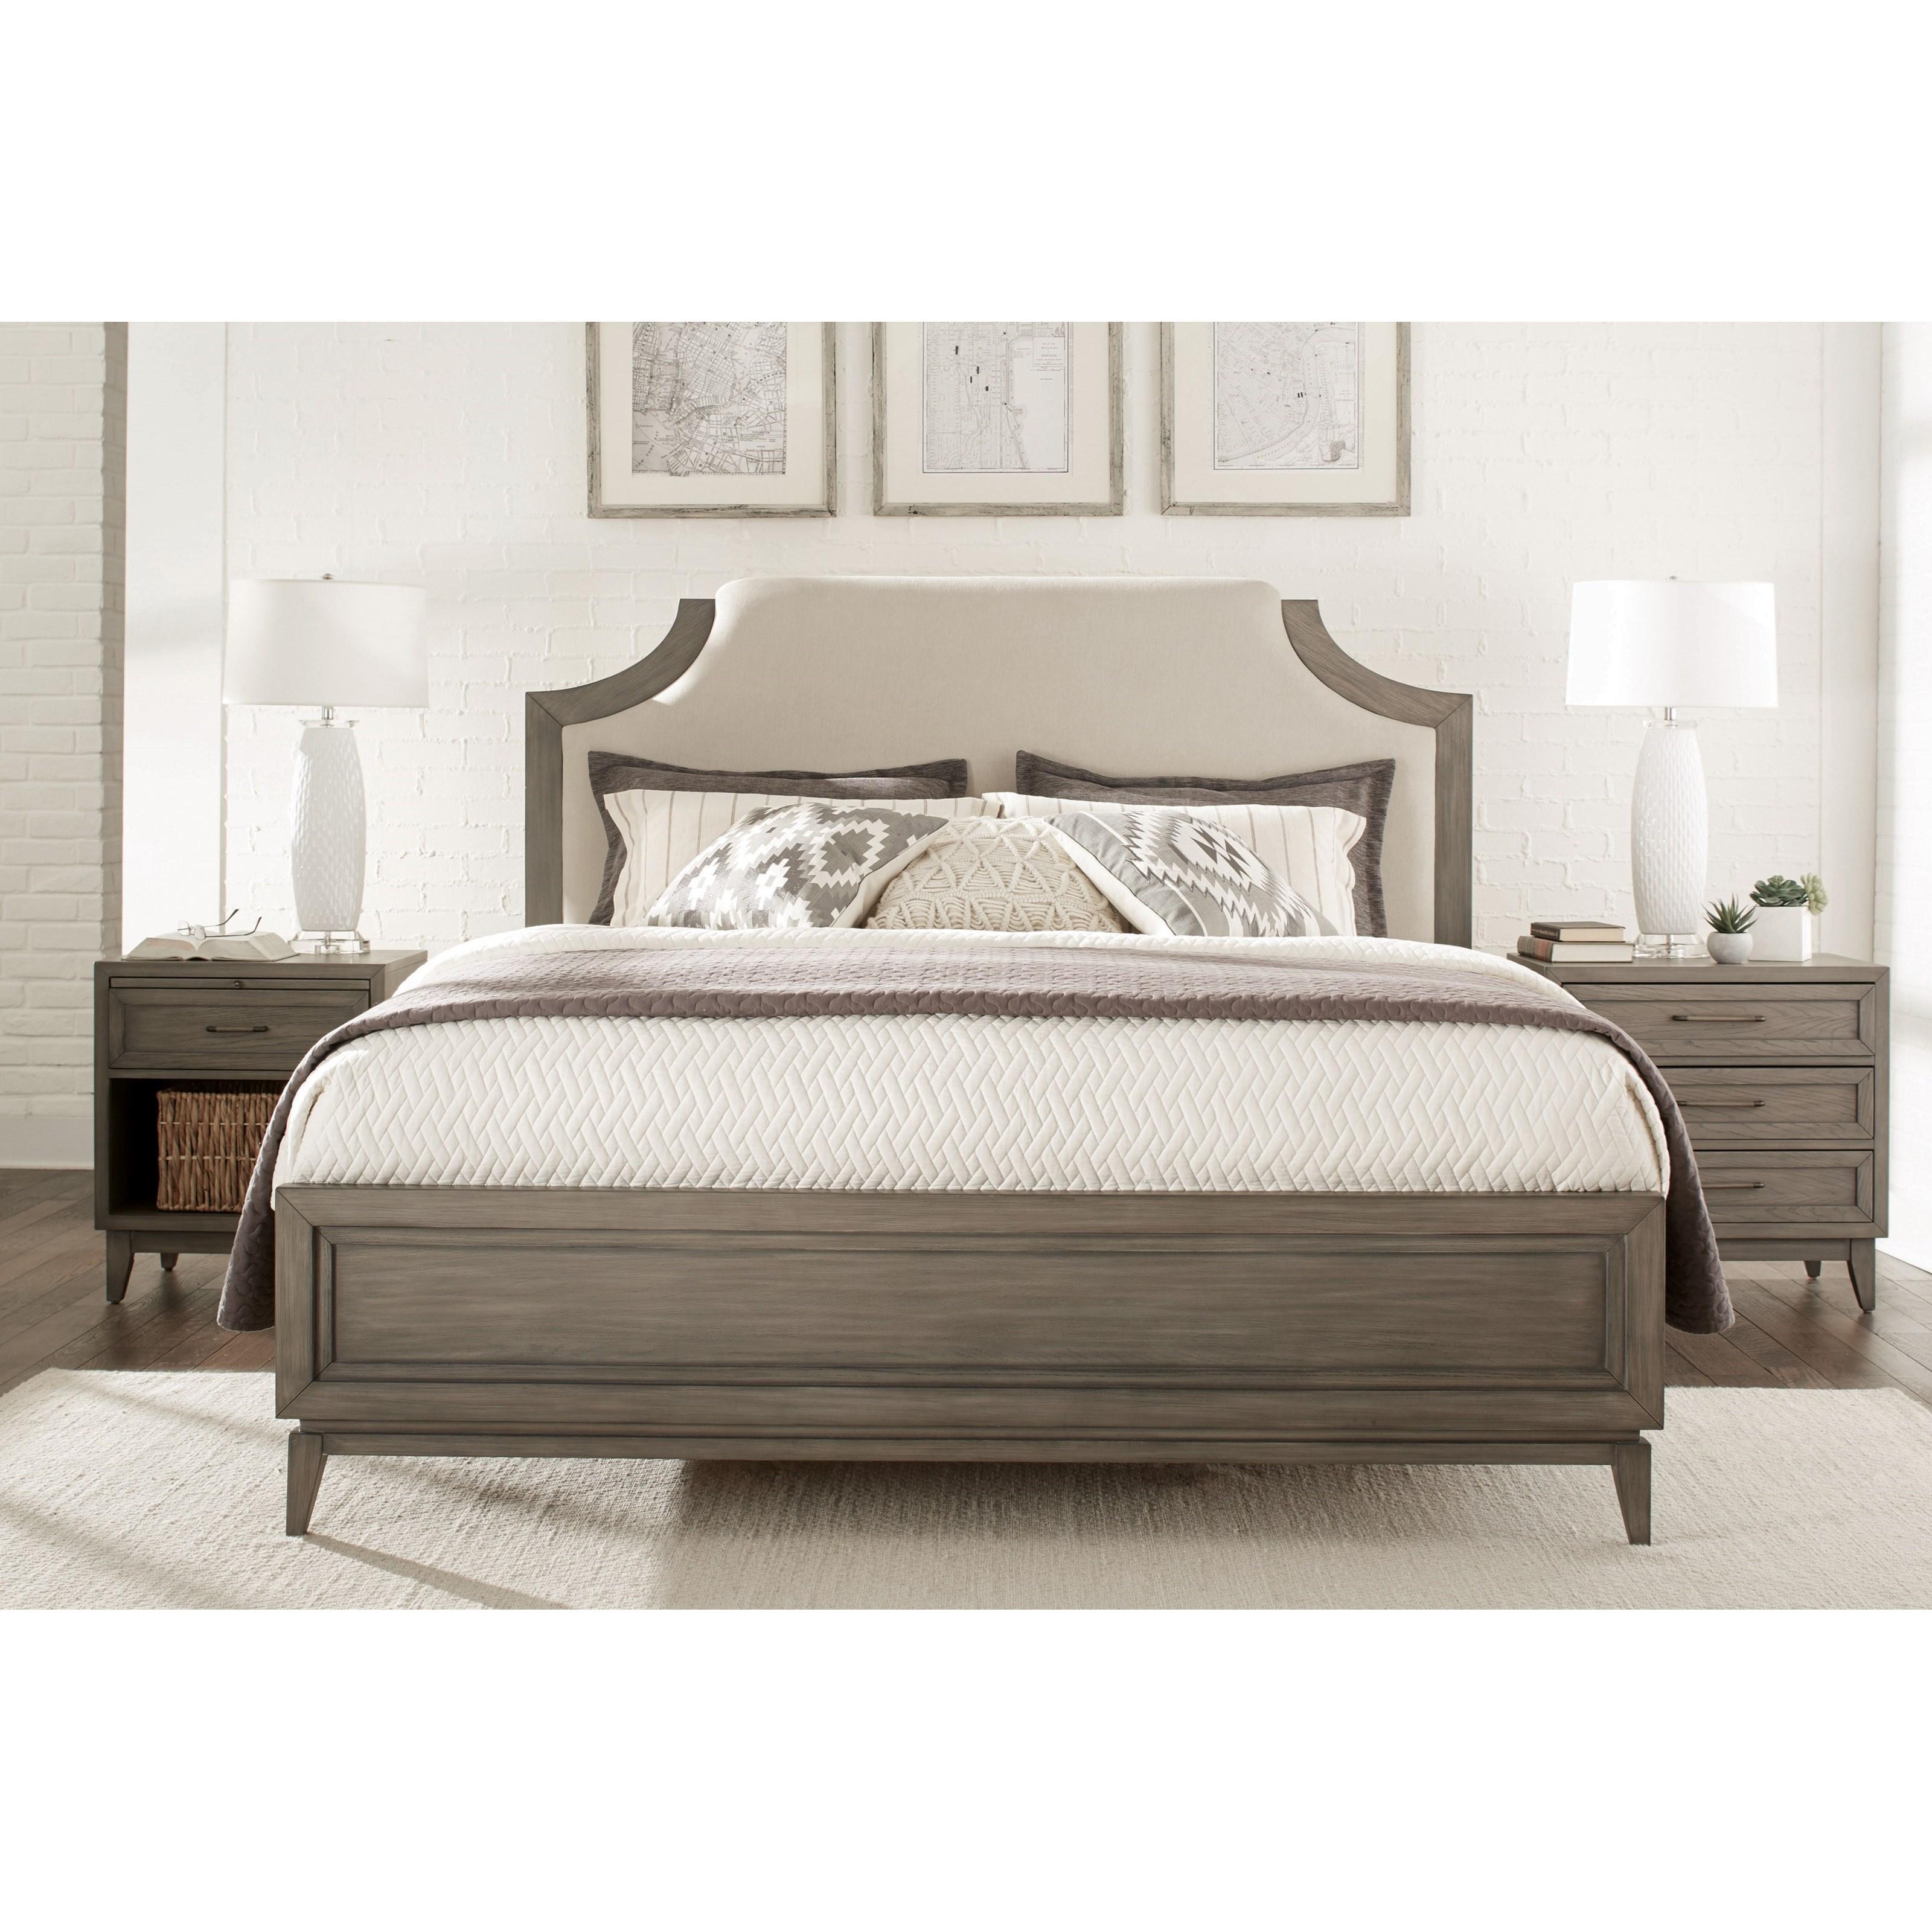 Riverside Furniture Vogue King Bedroom Group 3